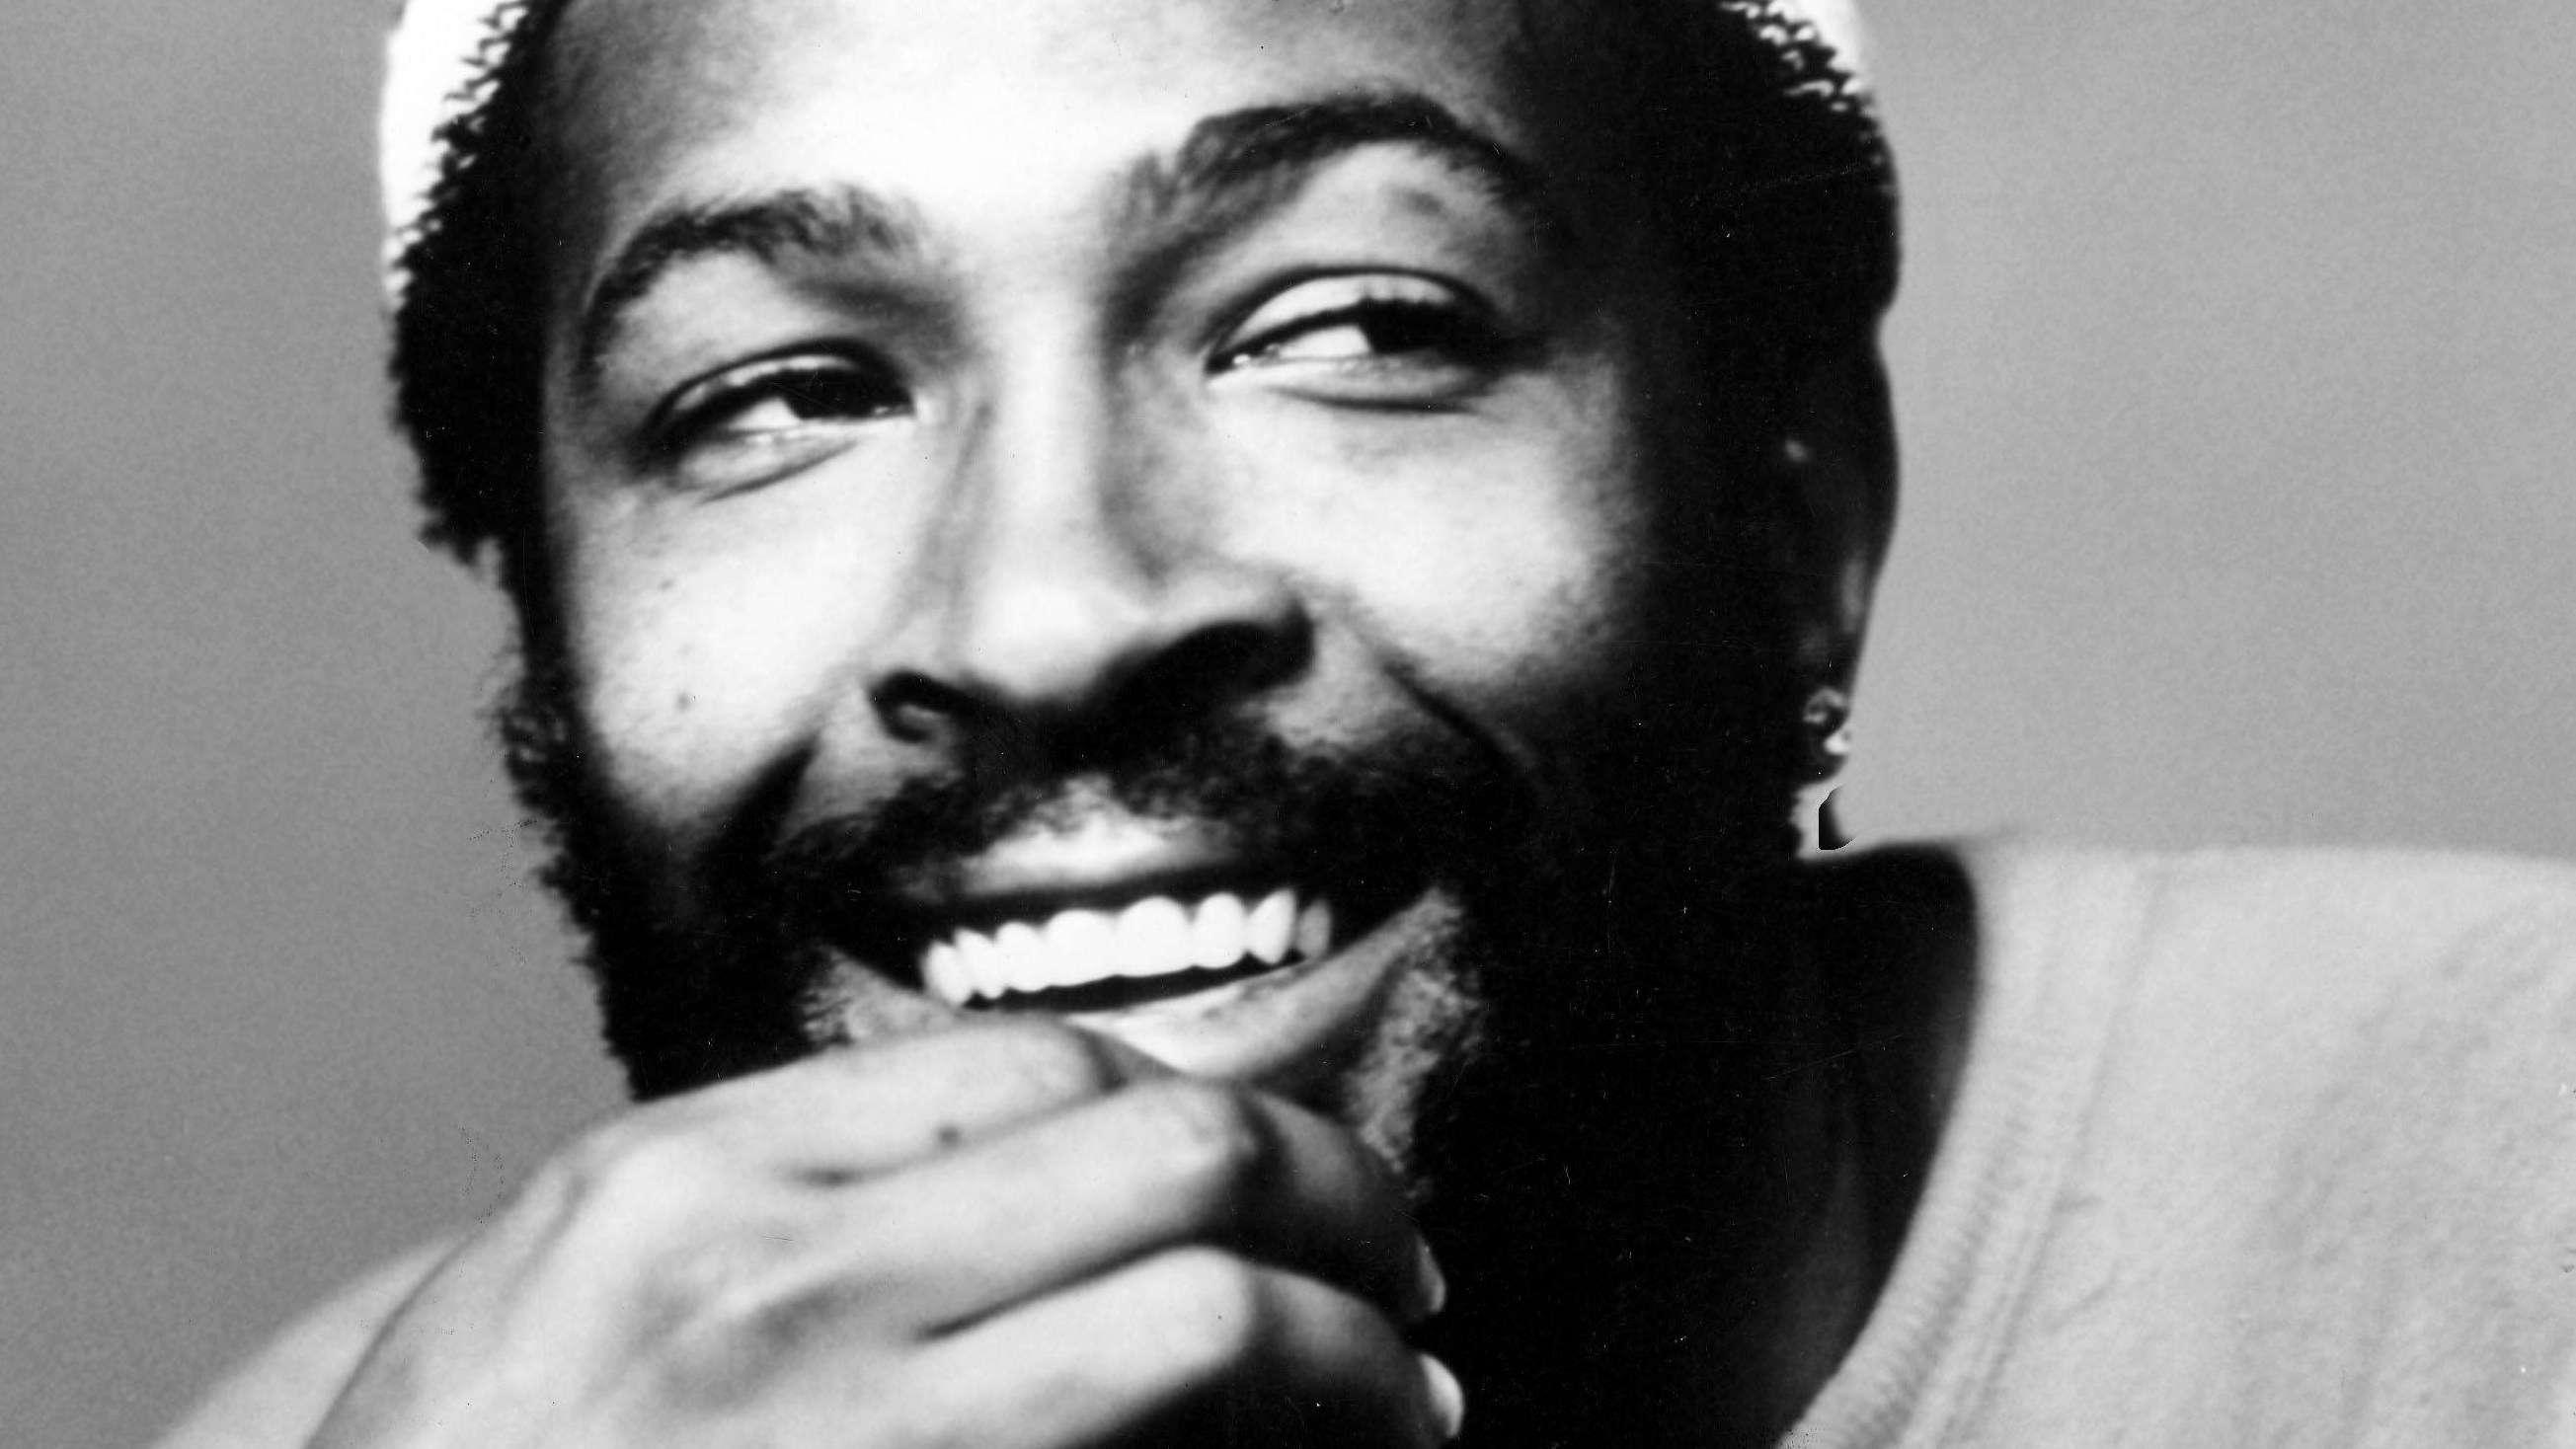 Schwarz Weiß Porträt von Marvin Gaye